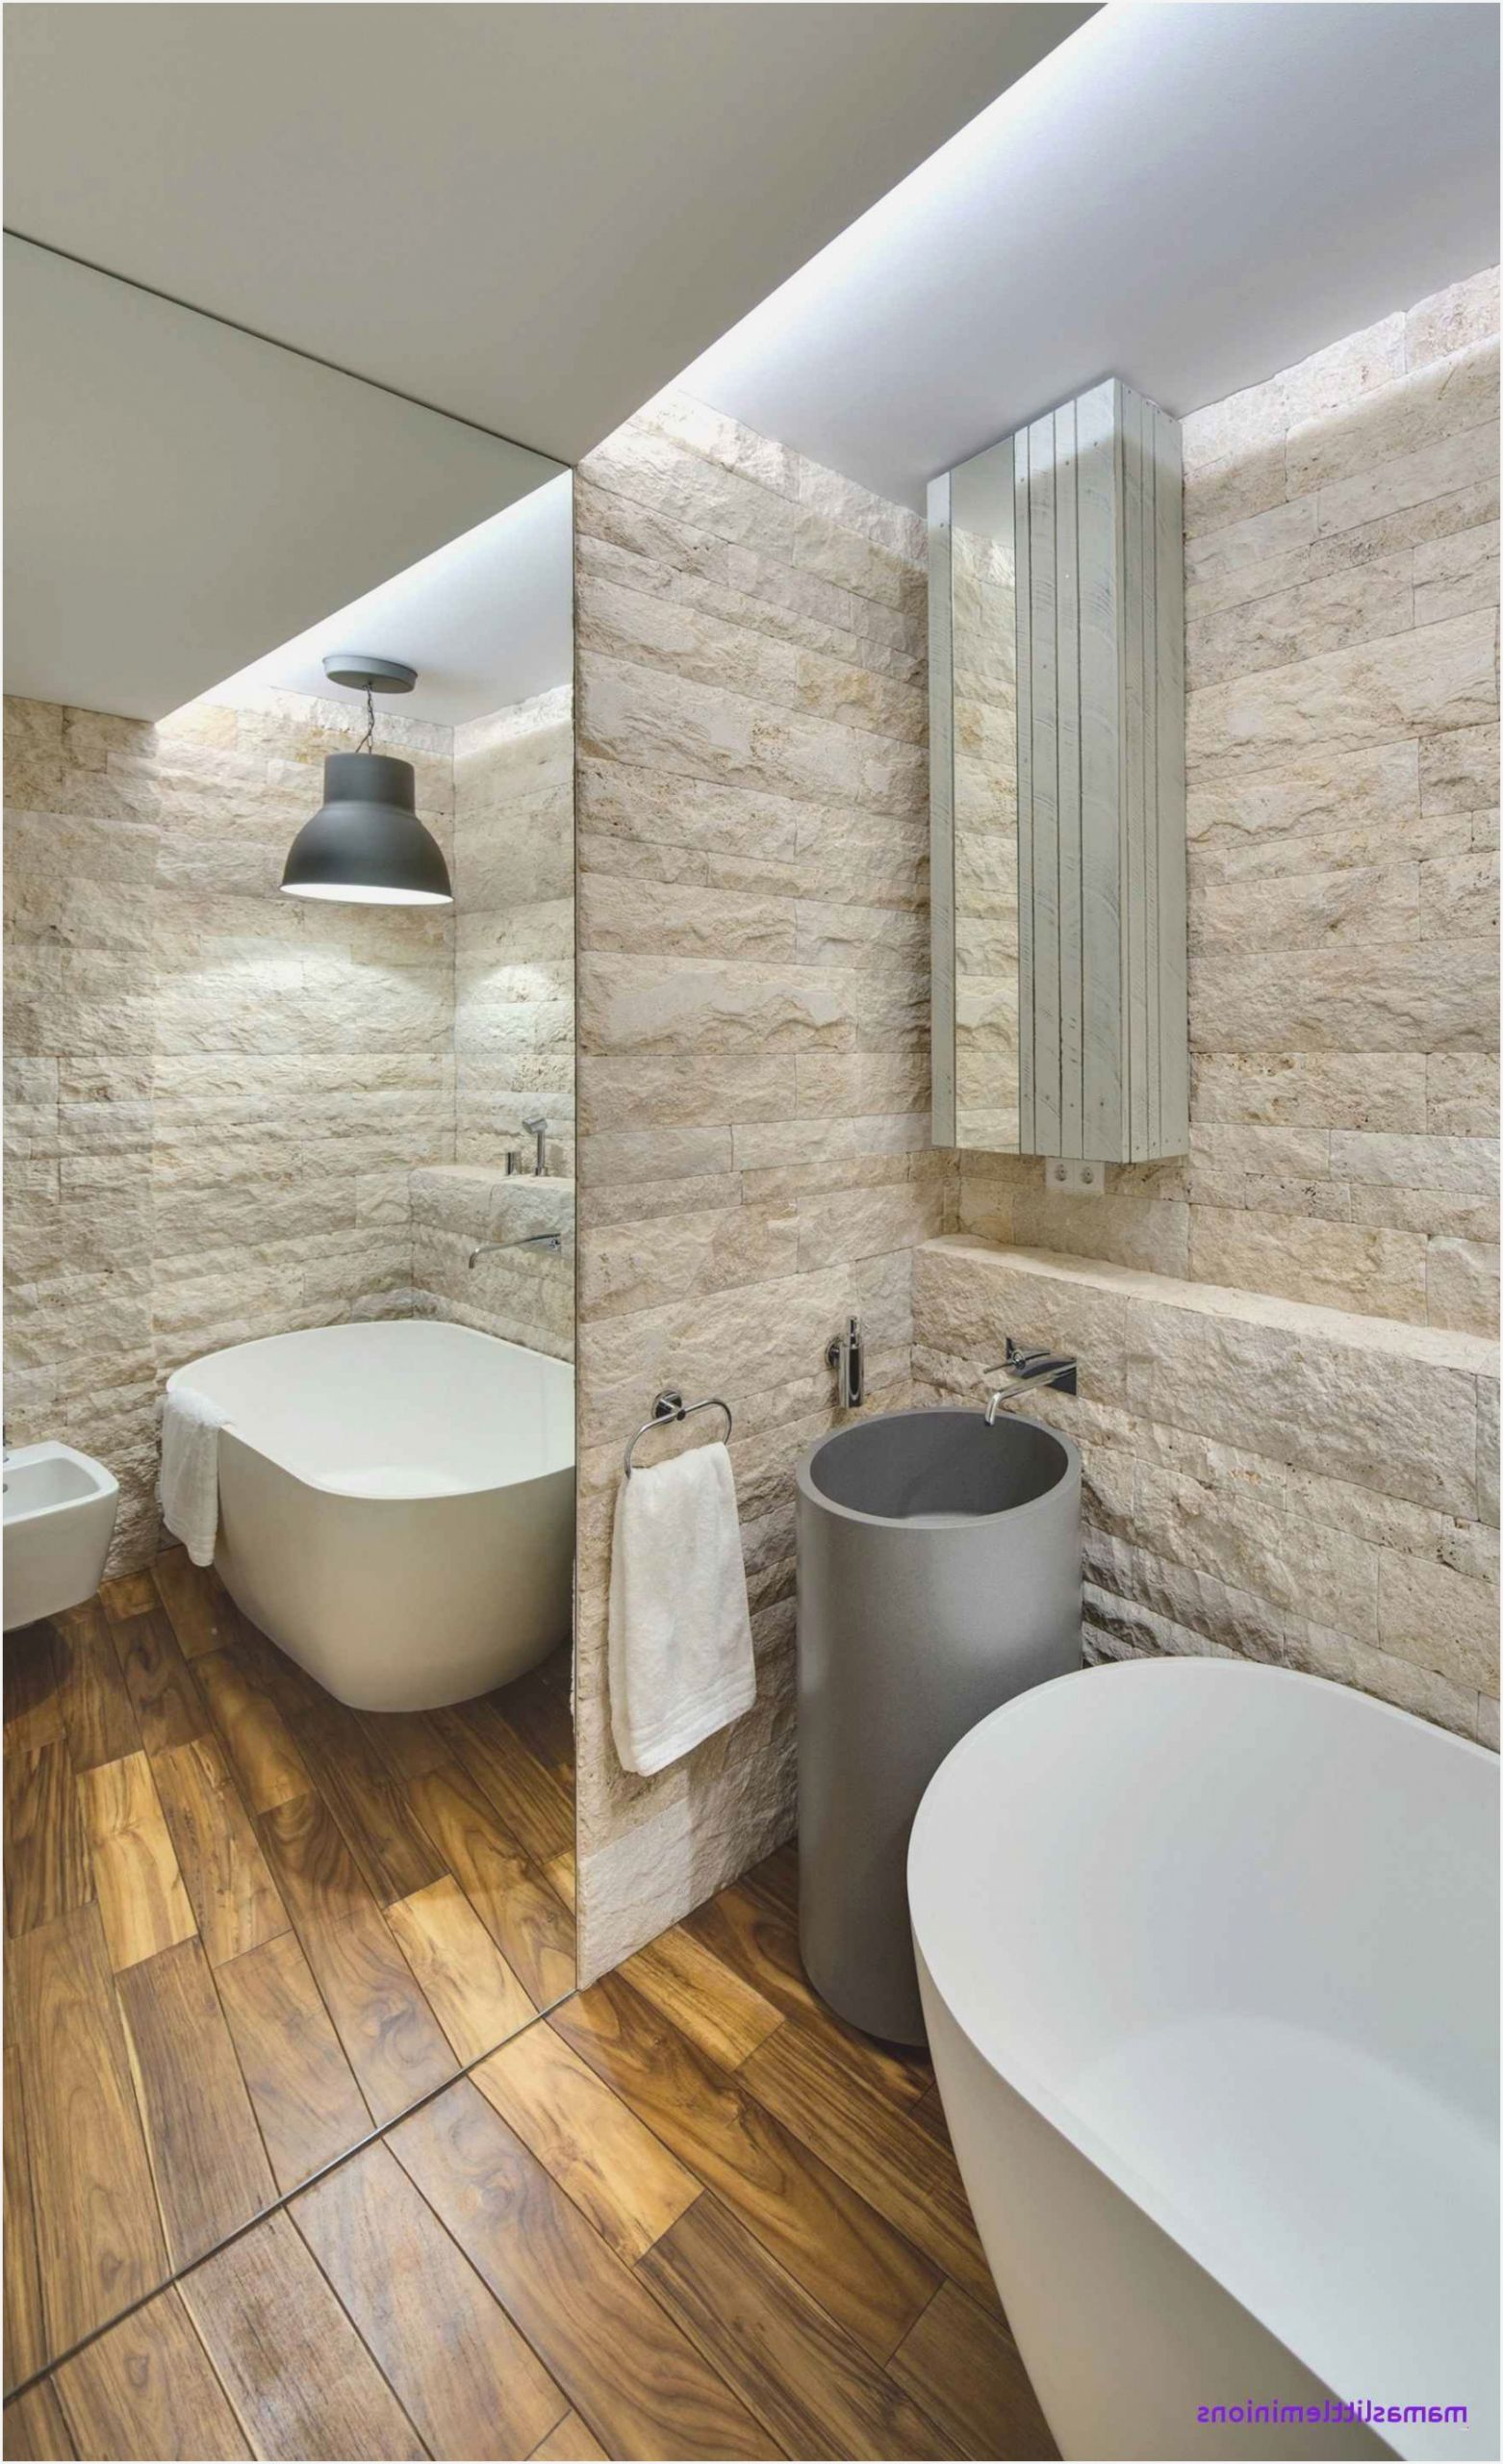 Badezimmer Renovieren Kosten Vermieter In 2020 Badezimmer Dekor Badezimmer Renovieren Bad Deko Ideen